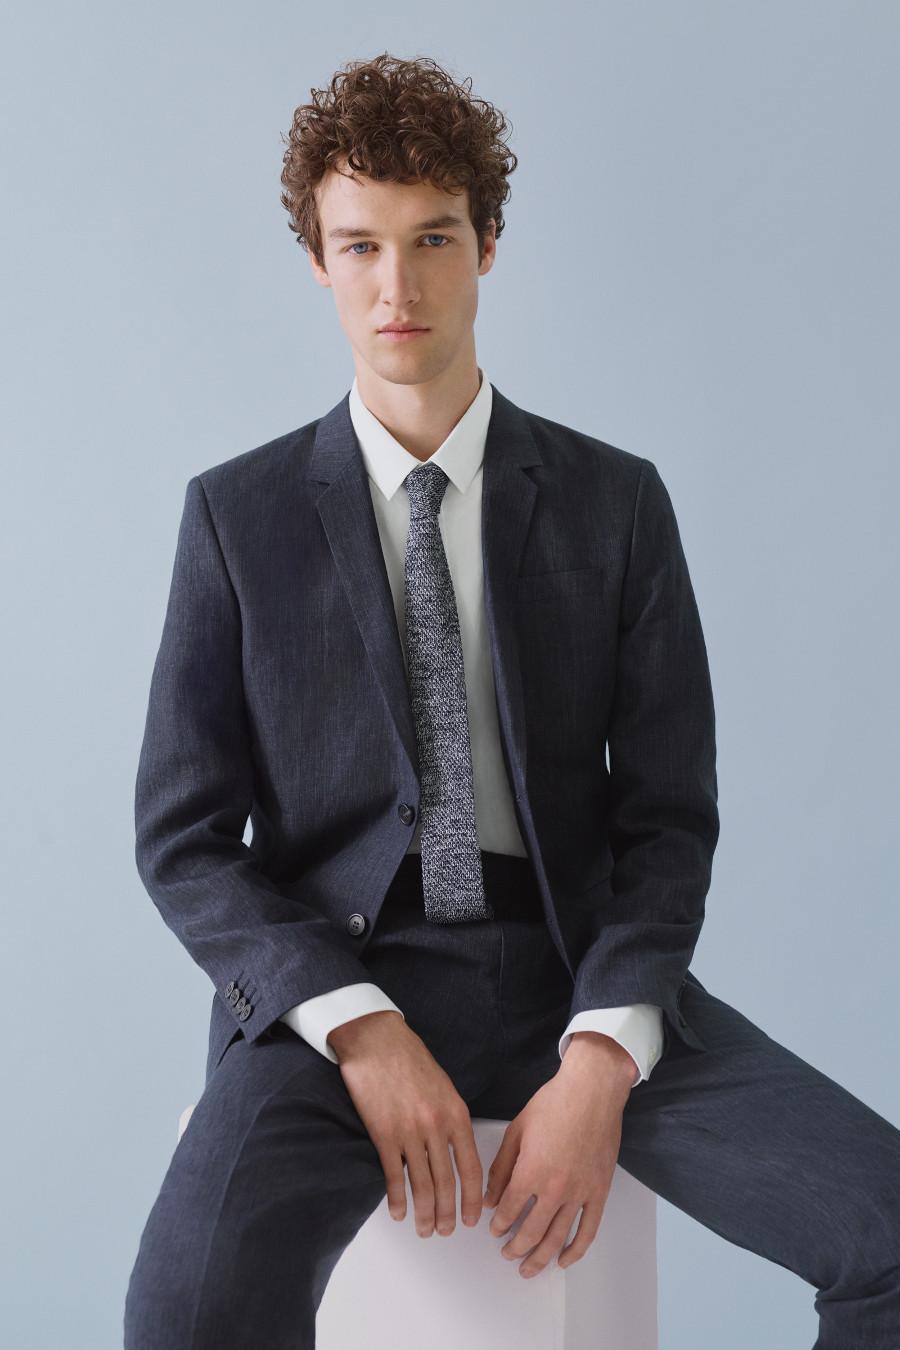 58dce009f60 imagen 5 de Una apuesta por la elegancia masculina para Cos.